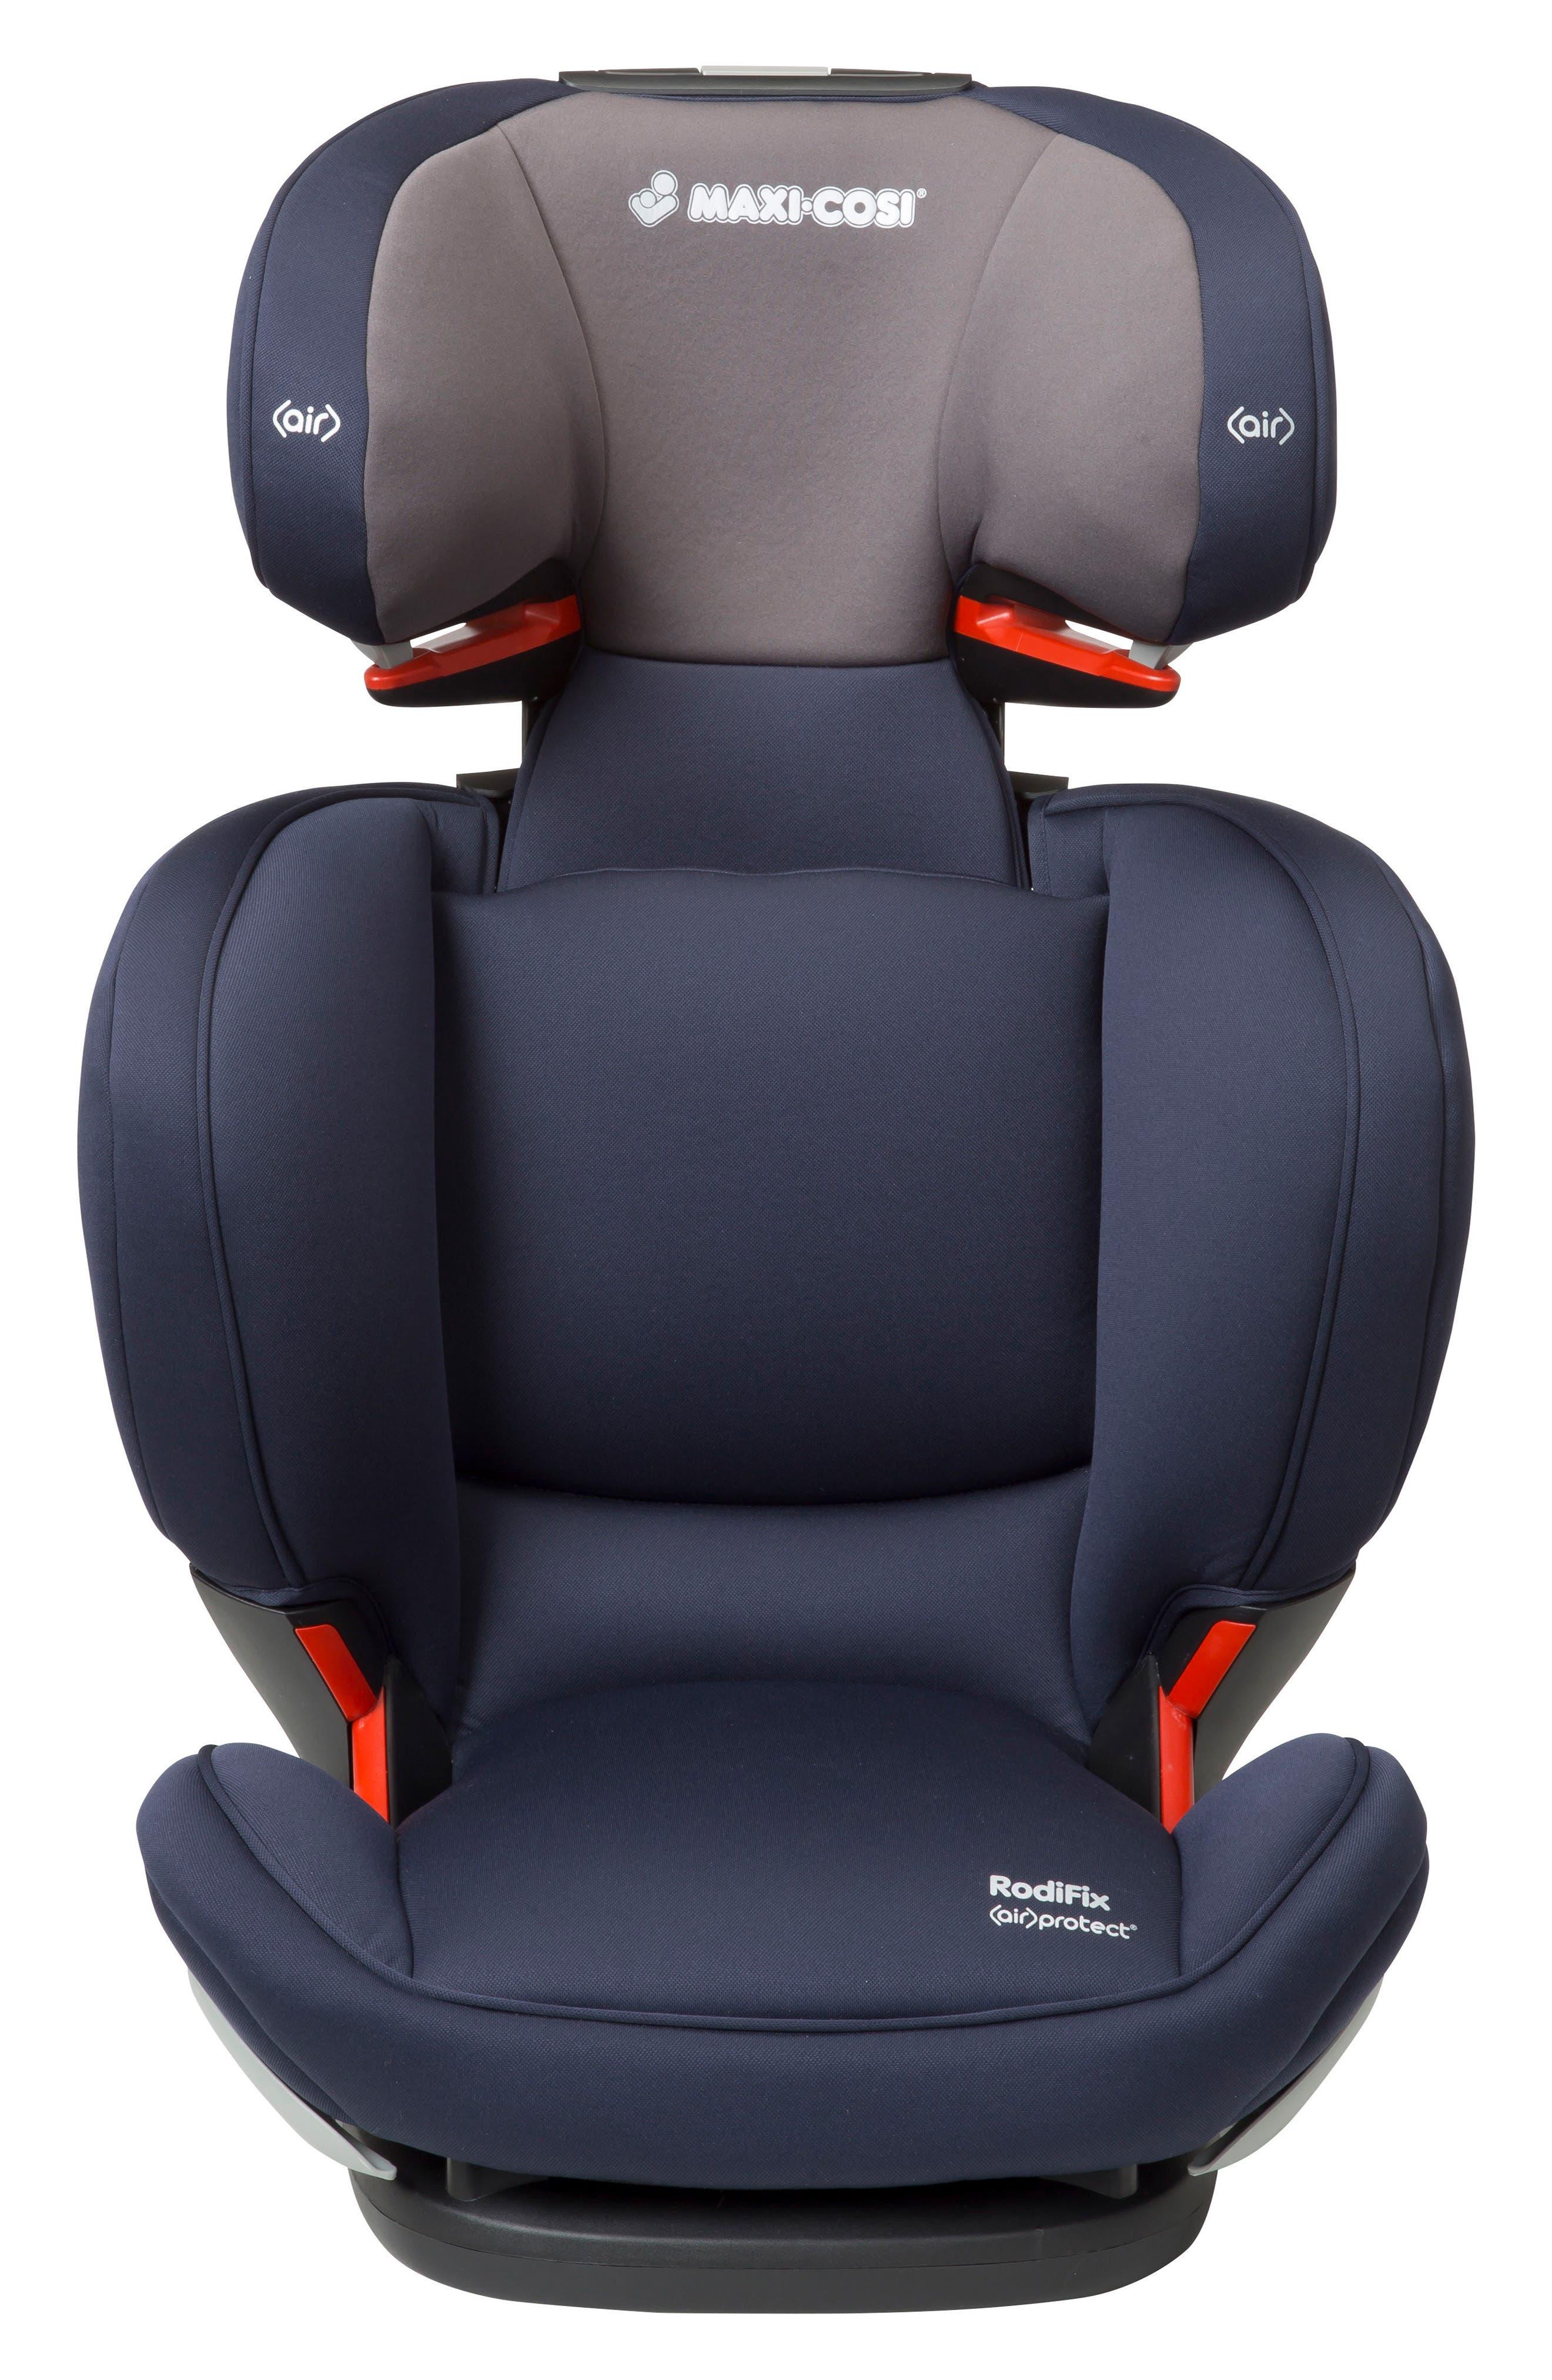 Maxi-Cosi® RodiFix Booster Car Seat